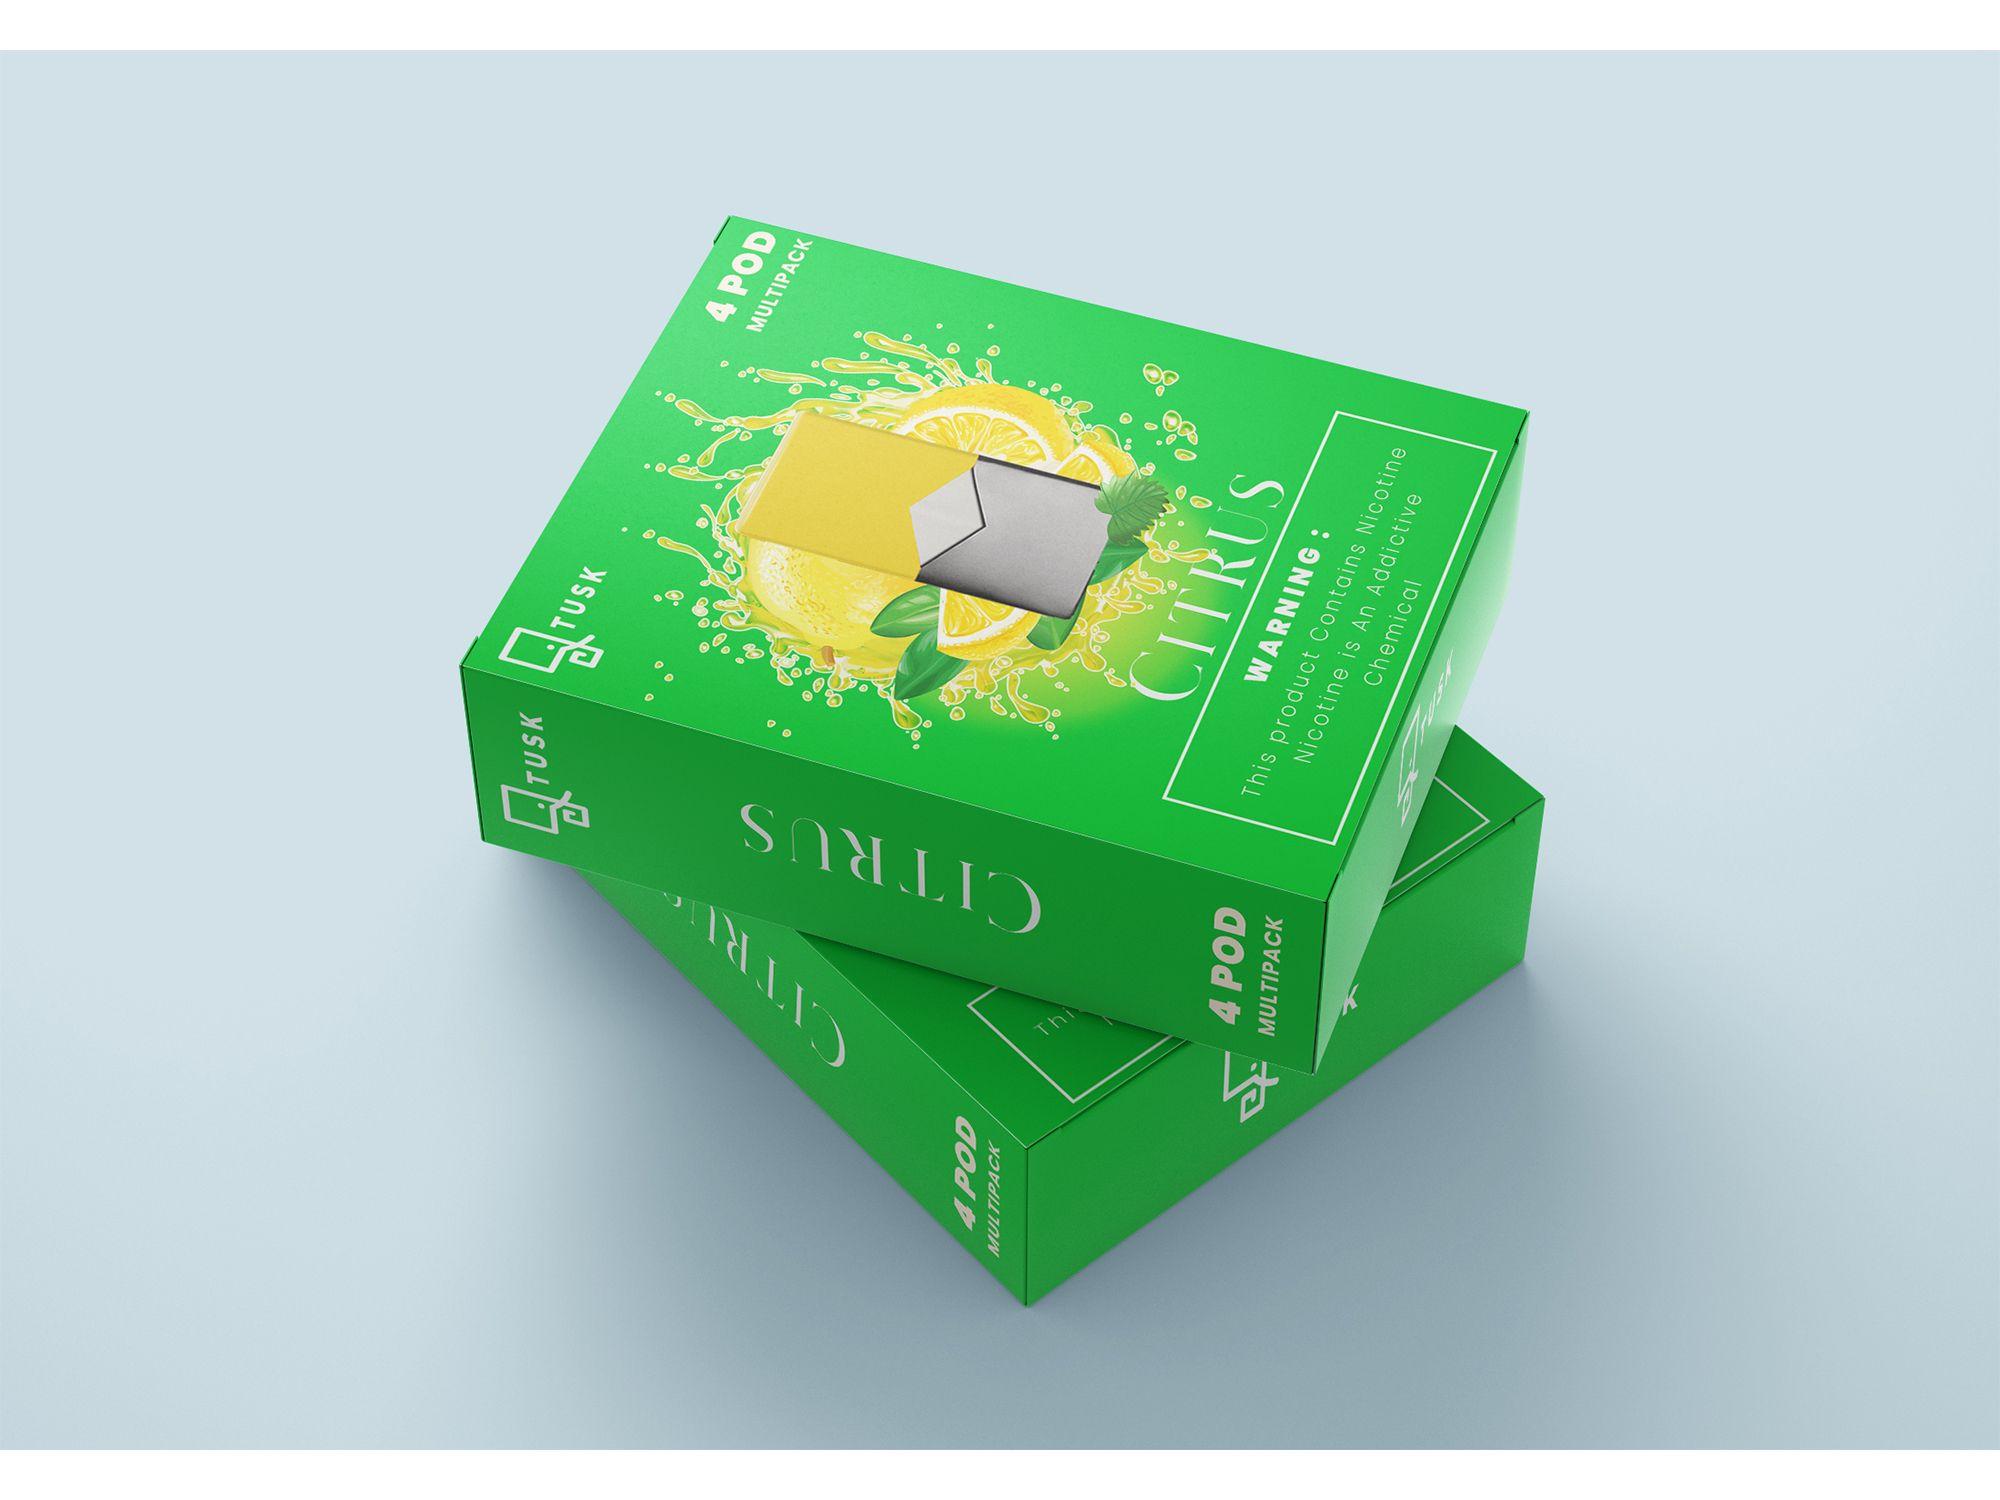 Download Tsuk Box Mockup Product Psd Graphic By Pakpahanmarg Creative Fabrica Box Mockup Poster Mockup Mockup Design